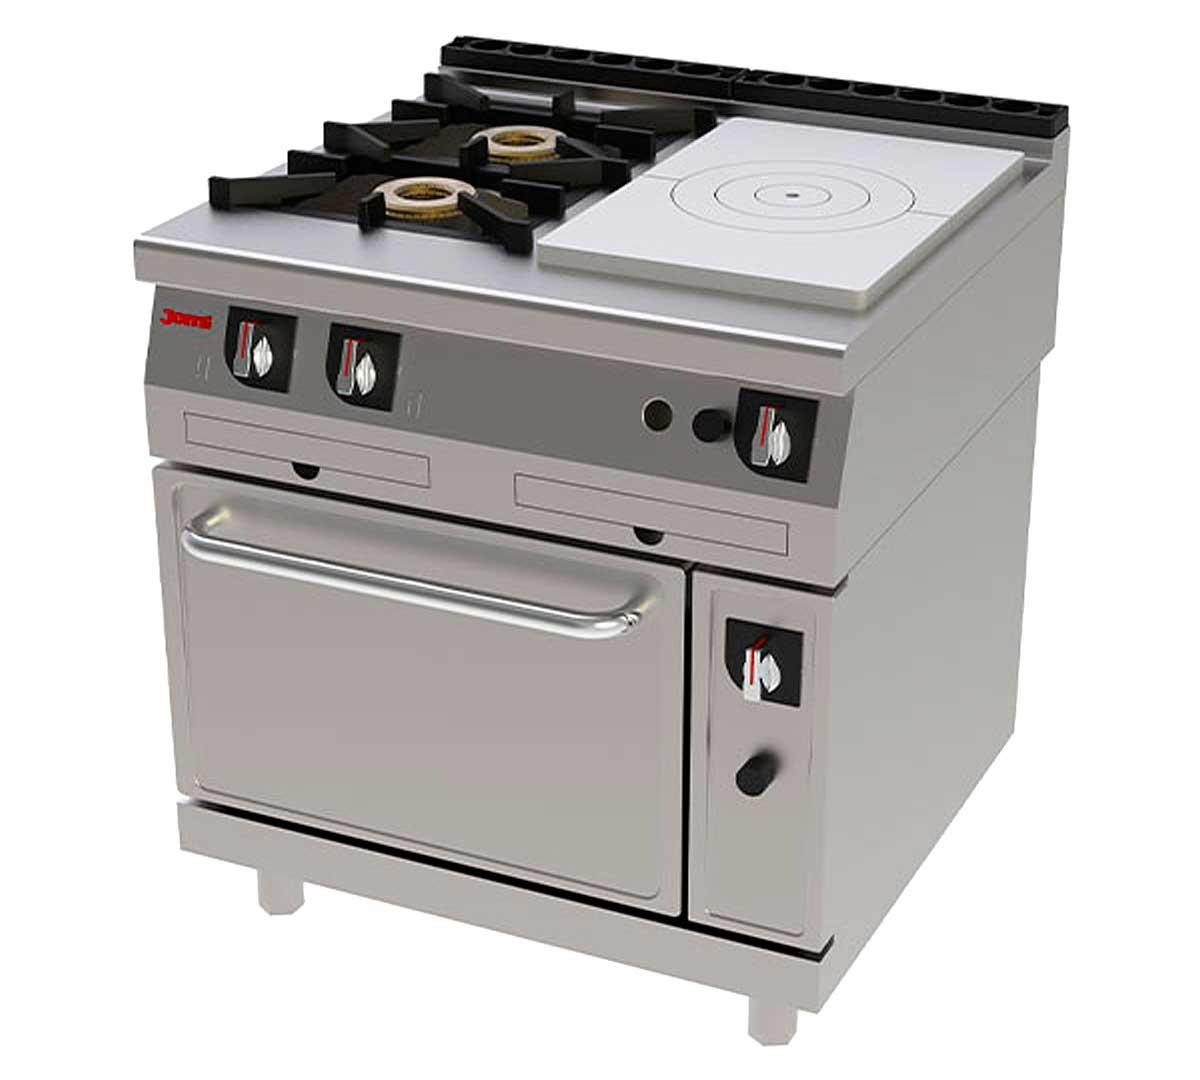 Cocina serie 750 francesa horno de jemi for Cocina francesa canal cocina